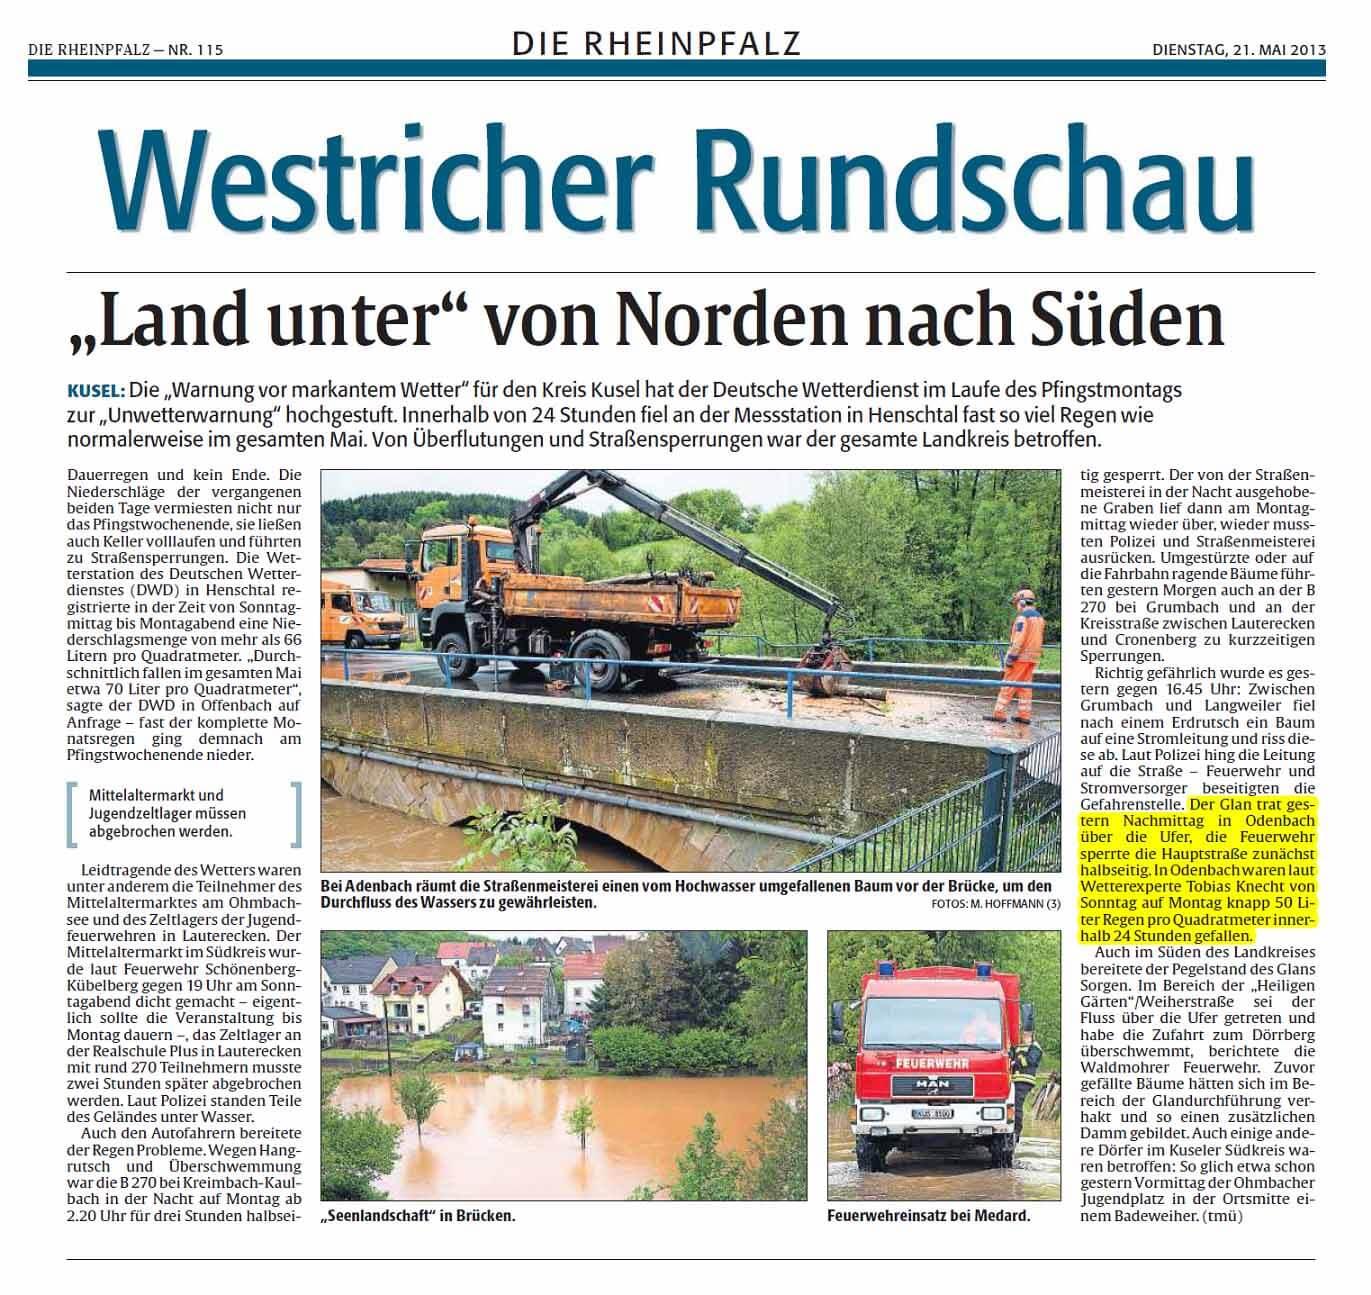 Rheinpfalz 21.05.2013